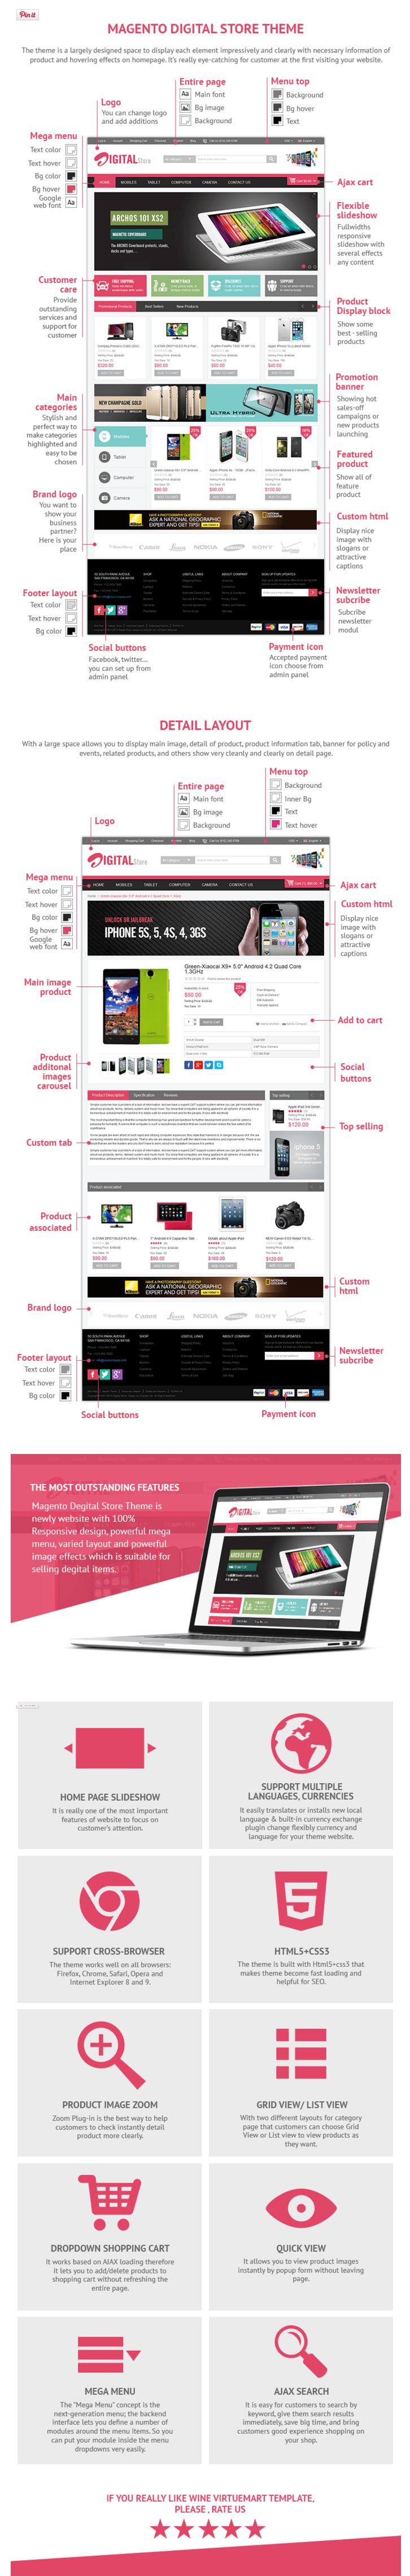 Magento Digital Store Theme Responsive Magento Digital Store Theme